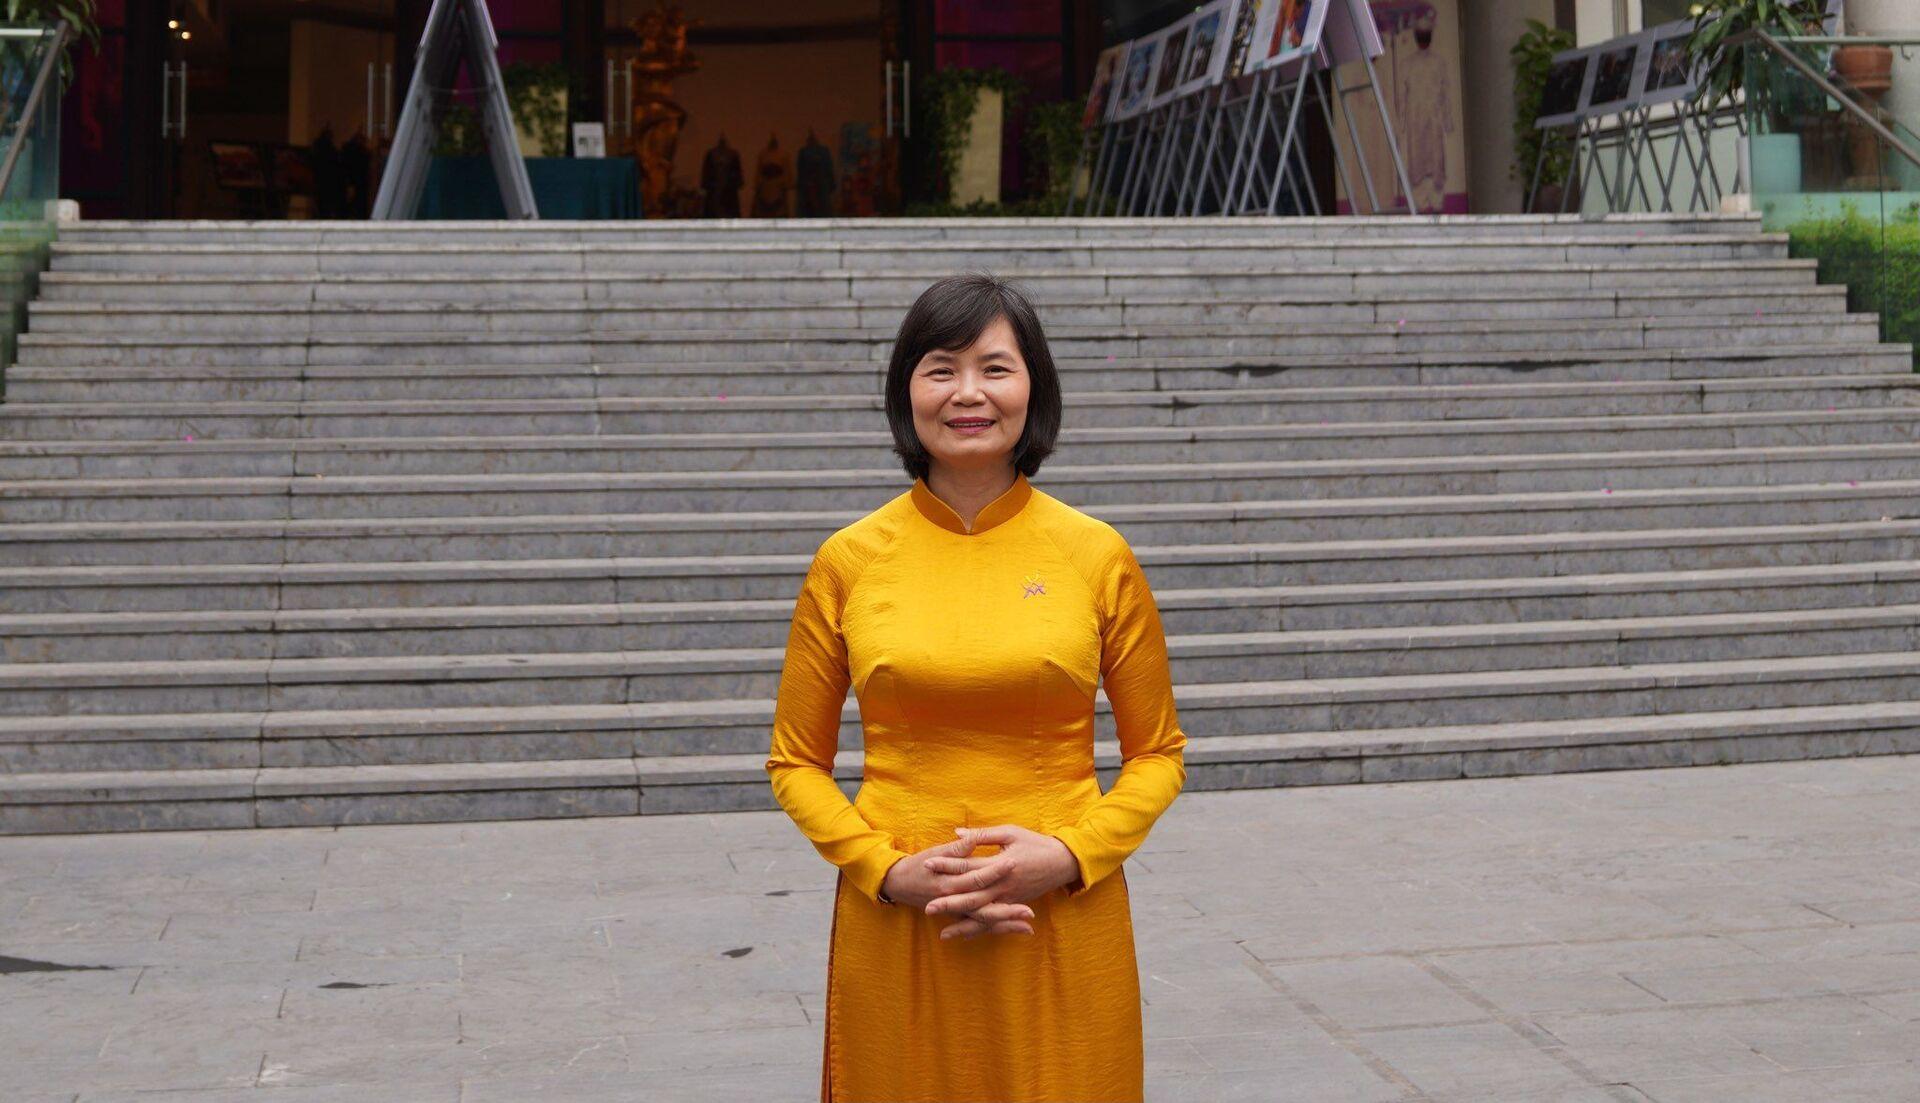 Hé mở bí mật về 'Bảo tàng về Giới' giàu bản sắc tại Đông Nam Á - Sputnik Việt Nam, 1920, 08.03.2021